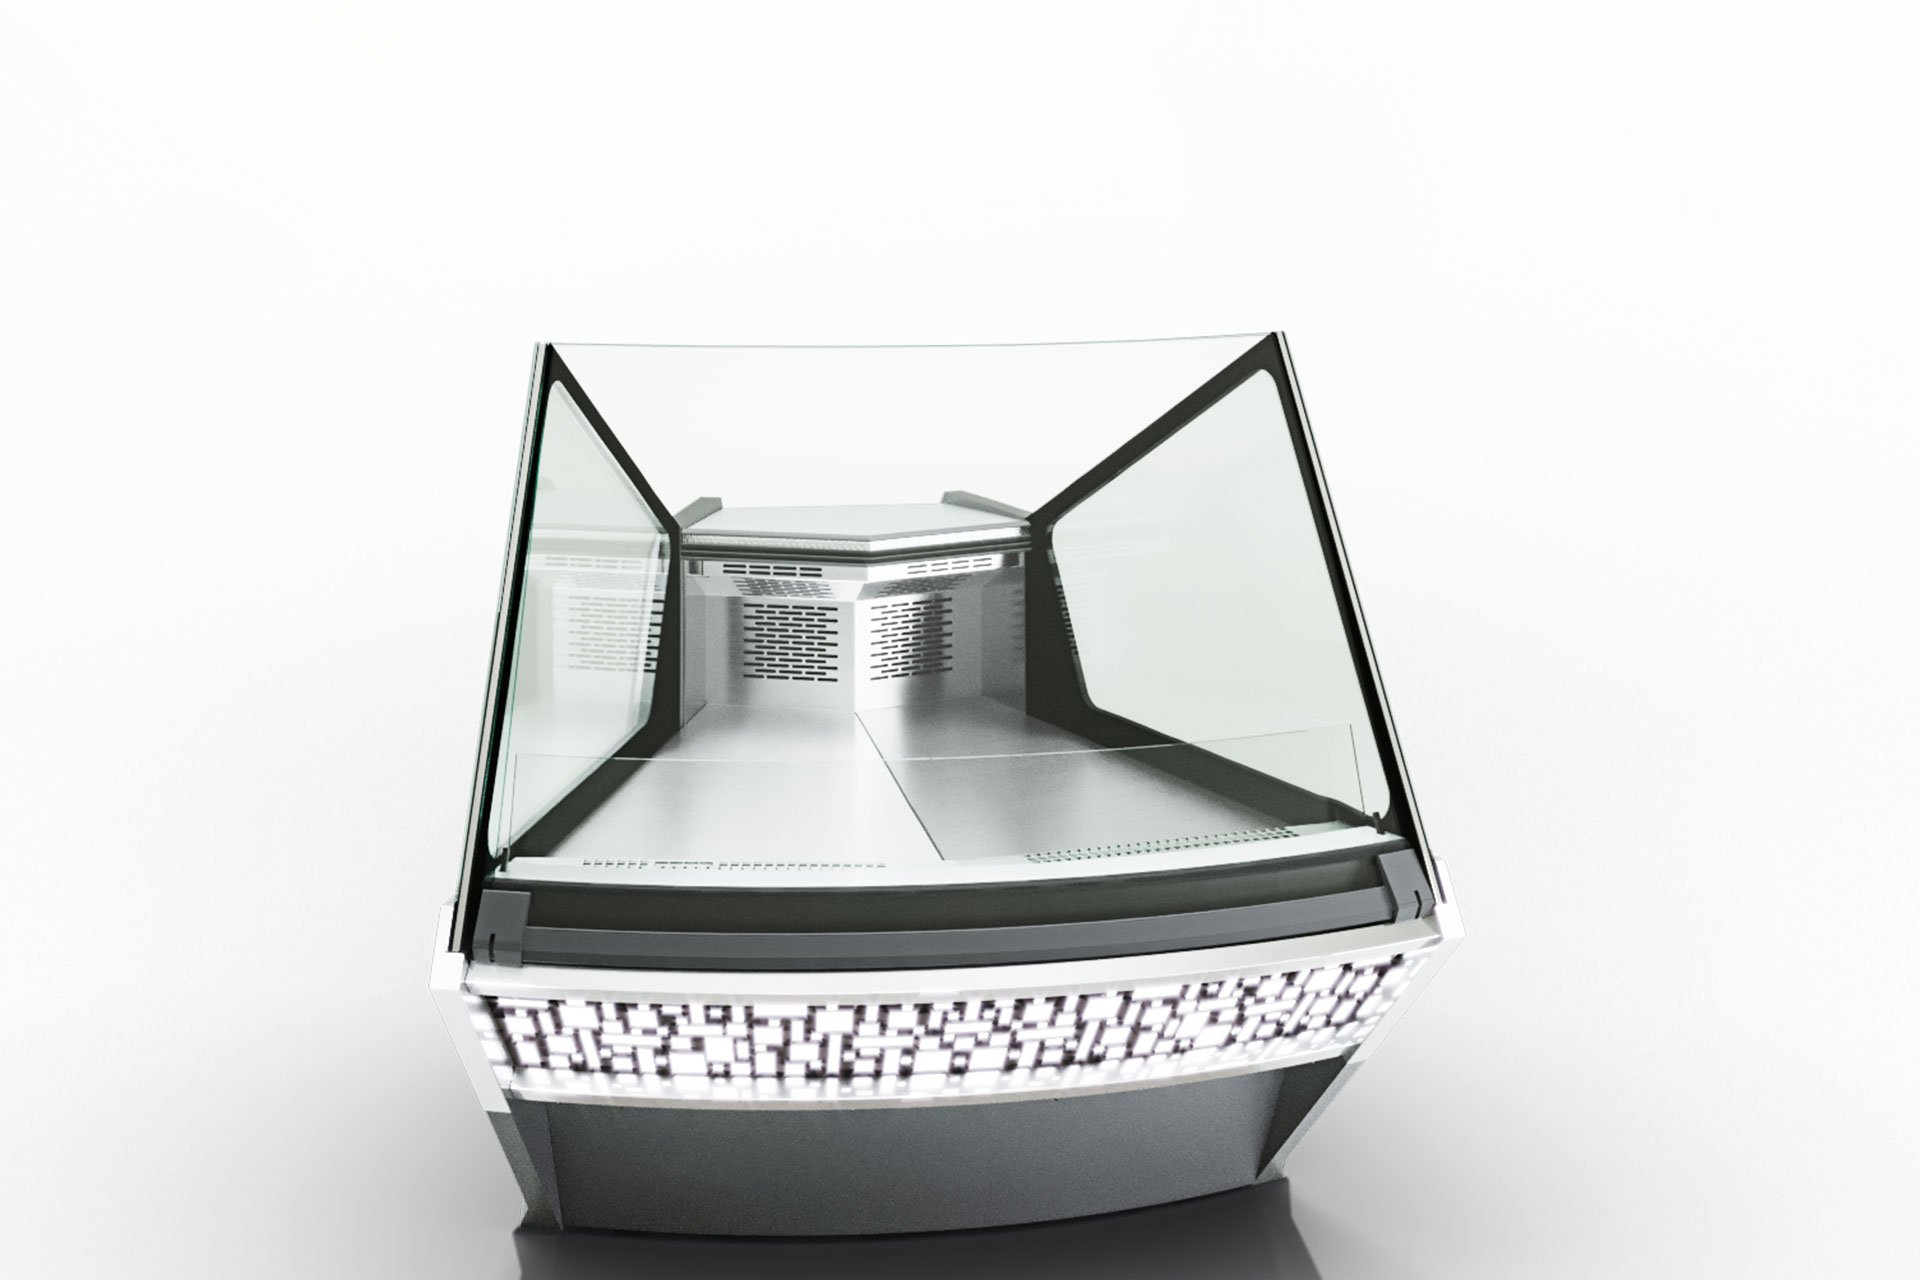 Kühlvitrinen Missouri sapphire MK 115 deli OS 125-DLM-ER45